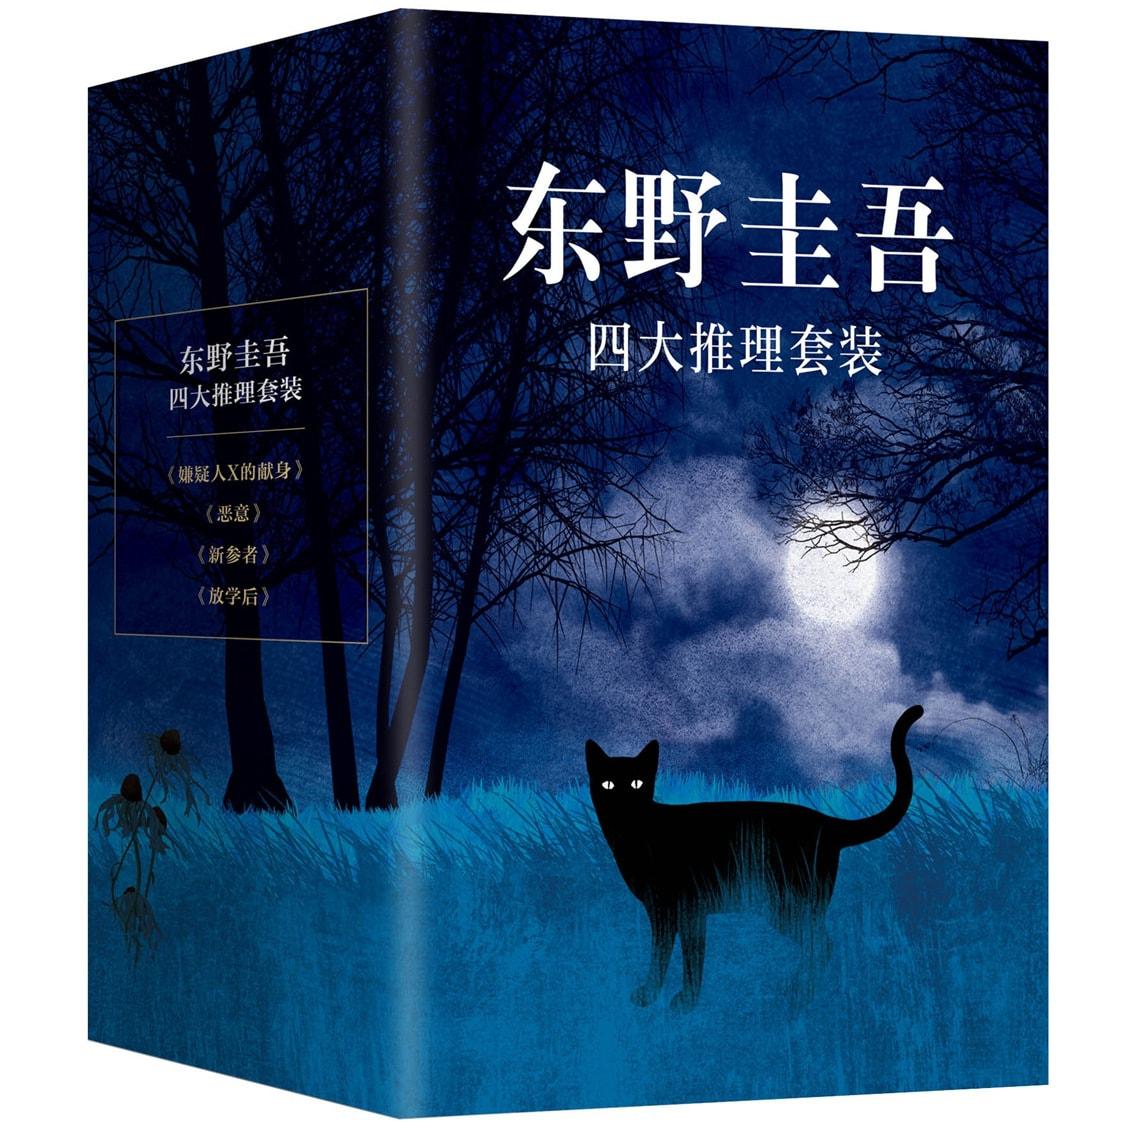 东野圭吾四大推理套装(共4册) 怎么样 - 亚米网